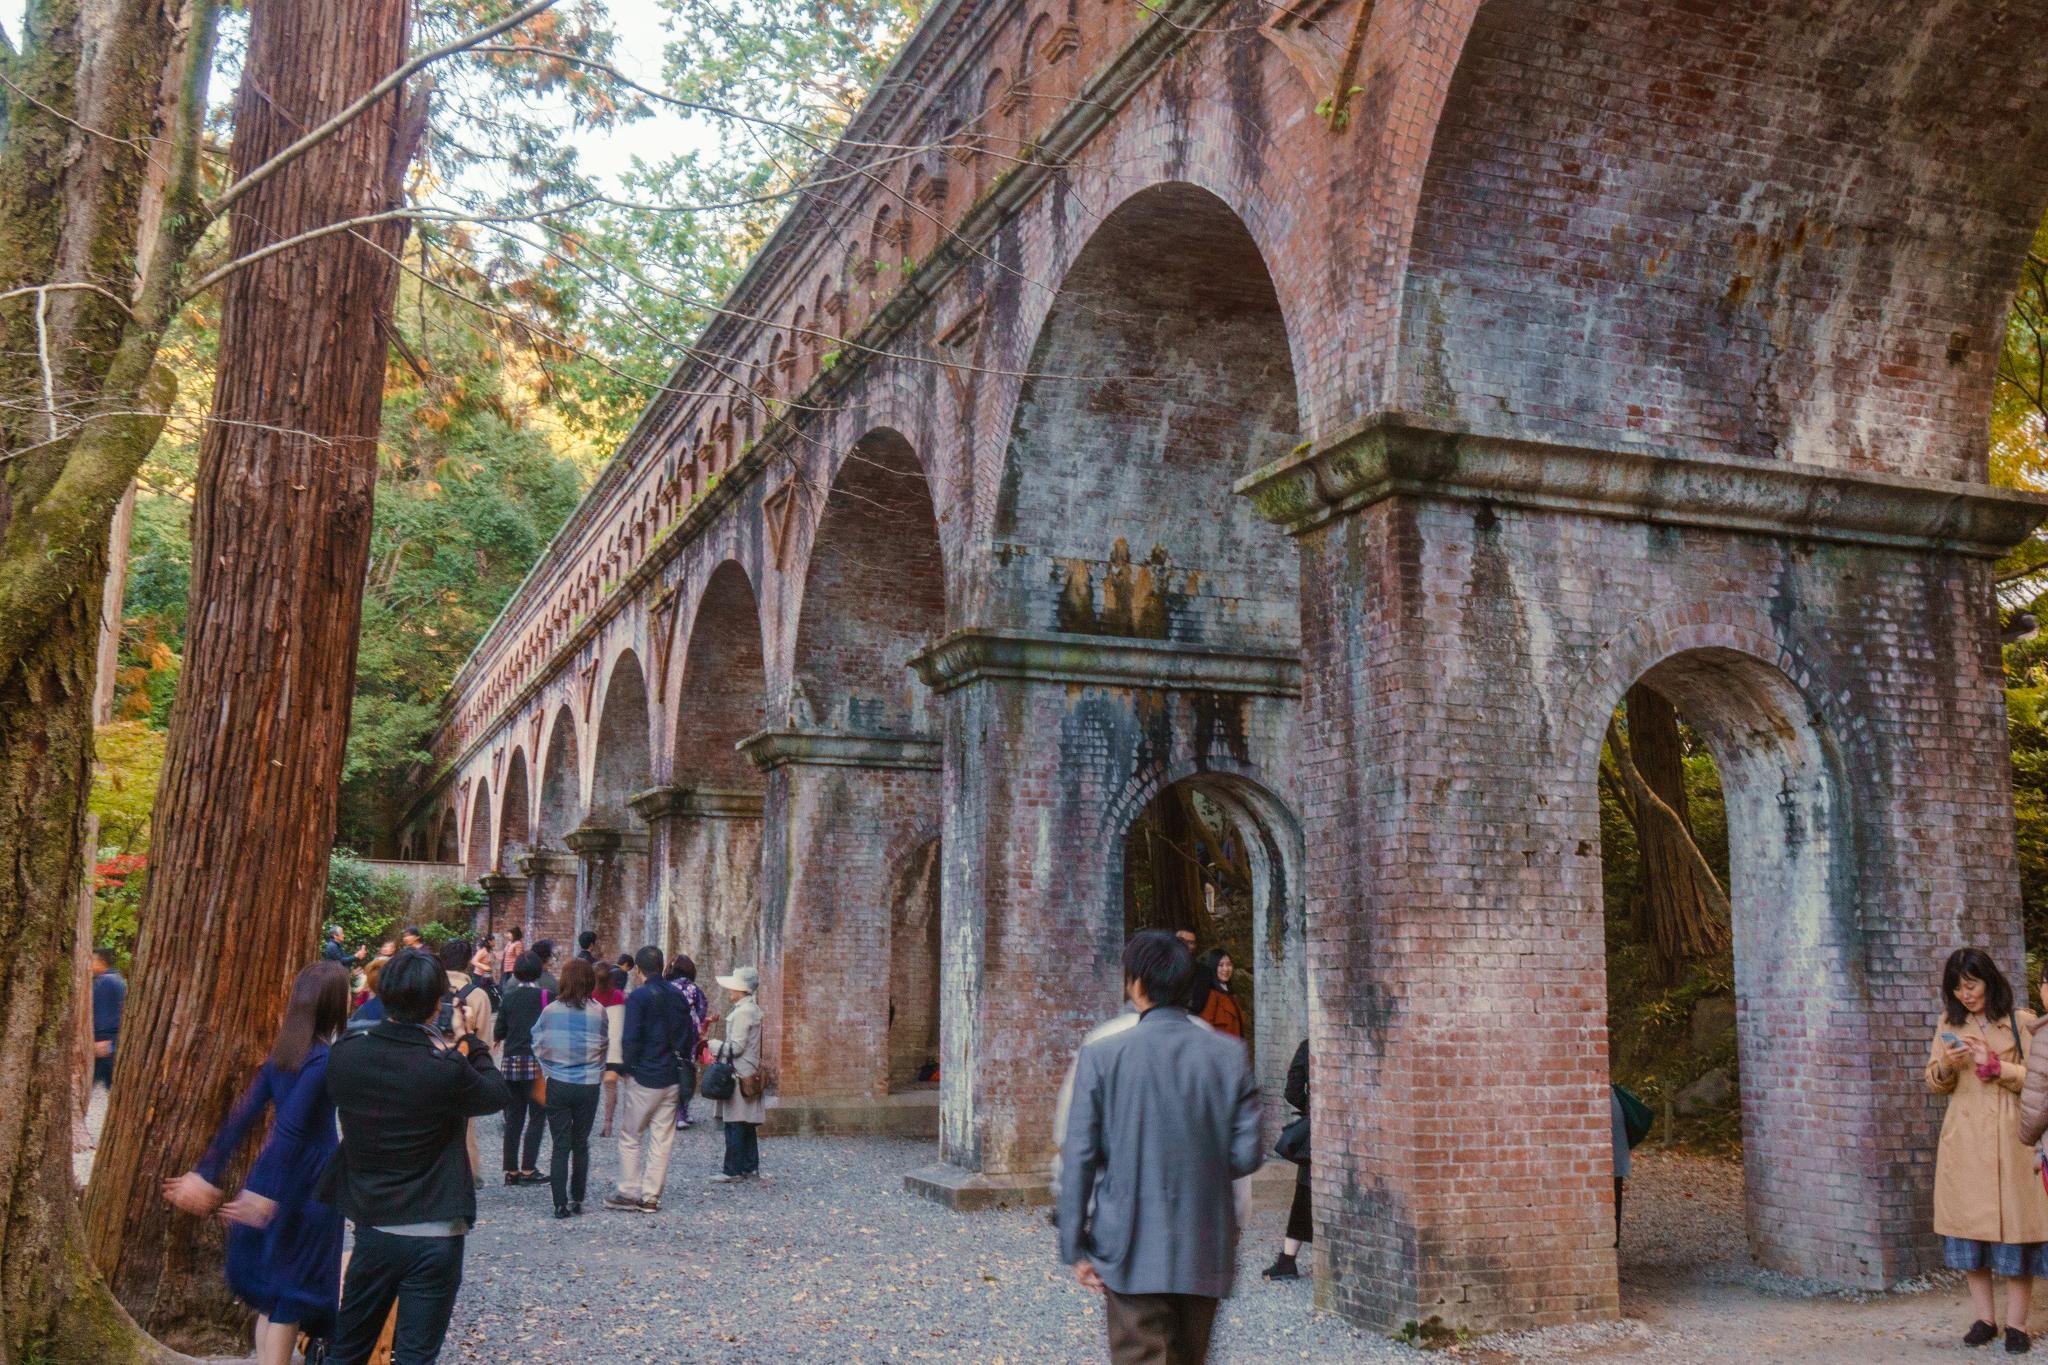 【京都】秋光葉影的古寺散策 - 南禪寺 104